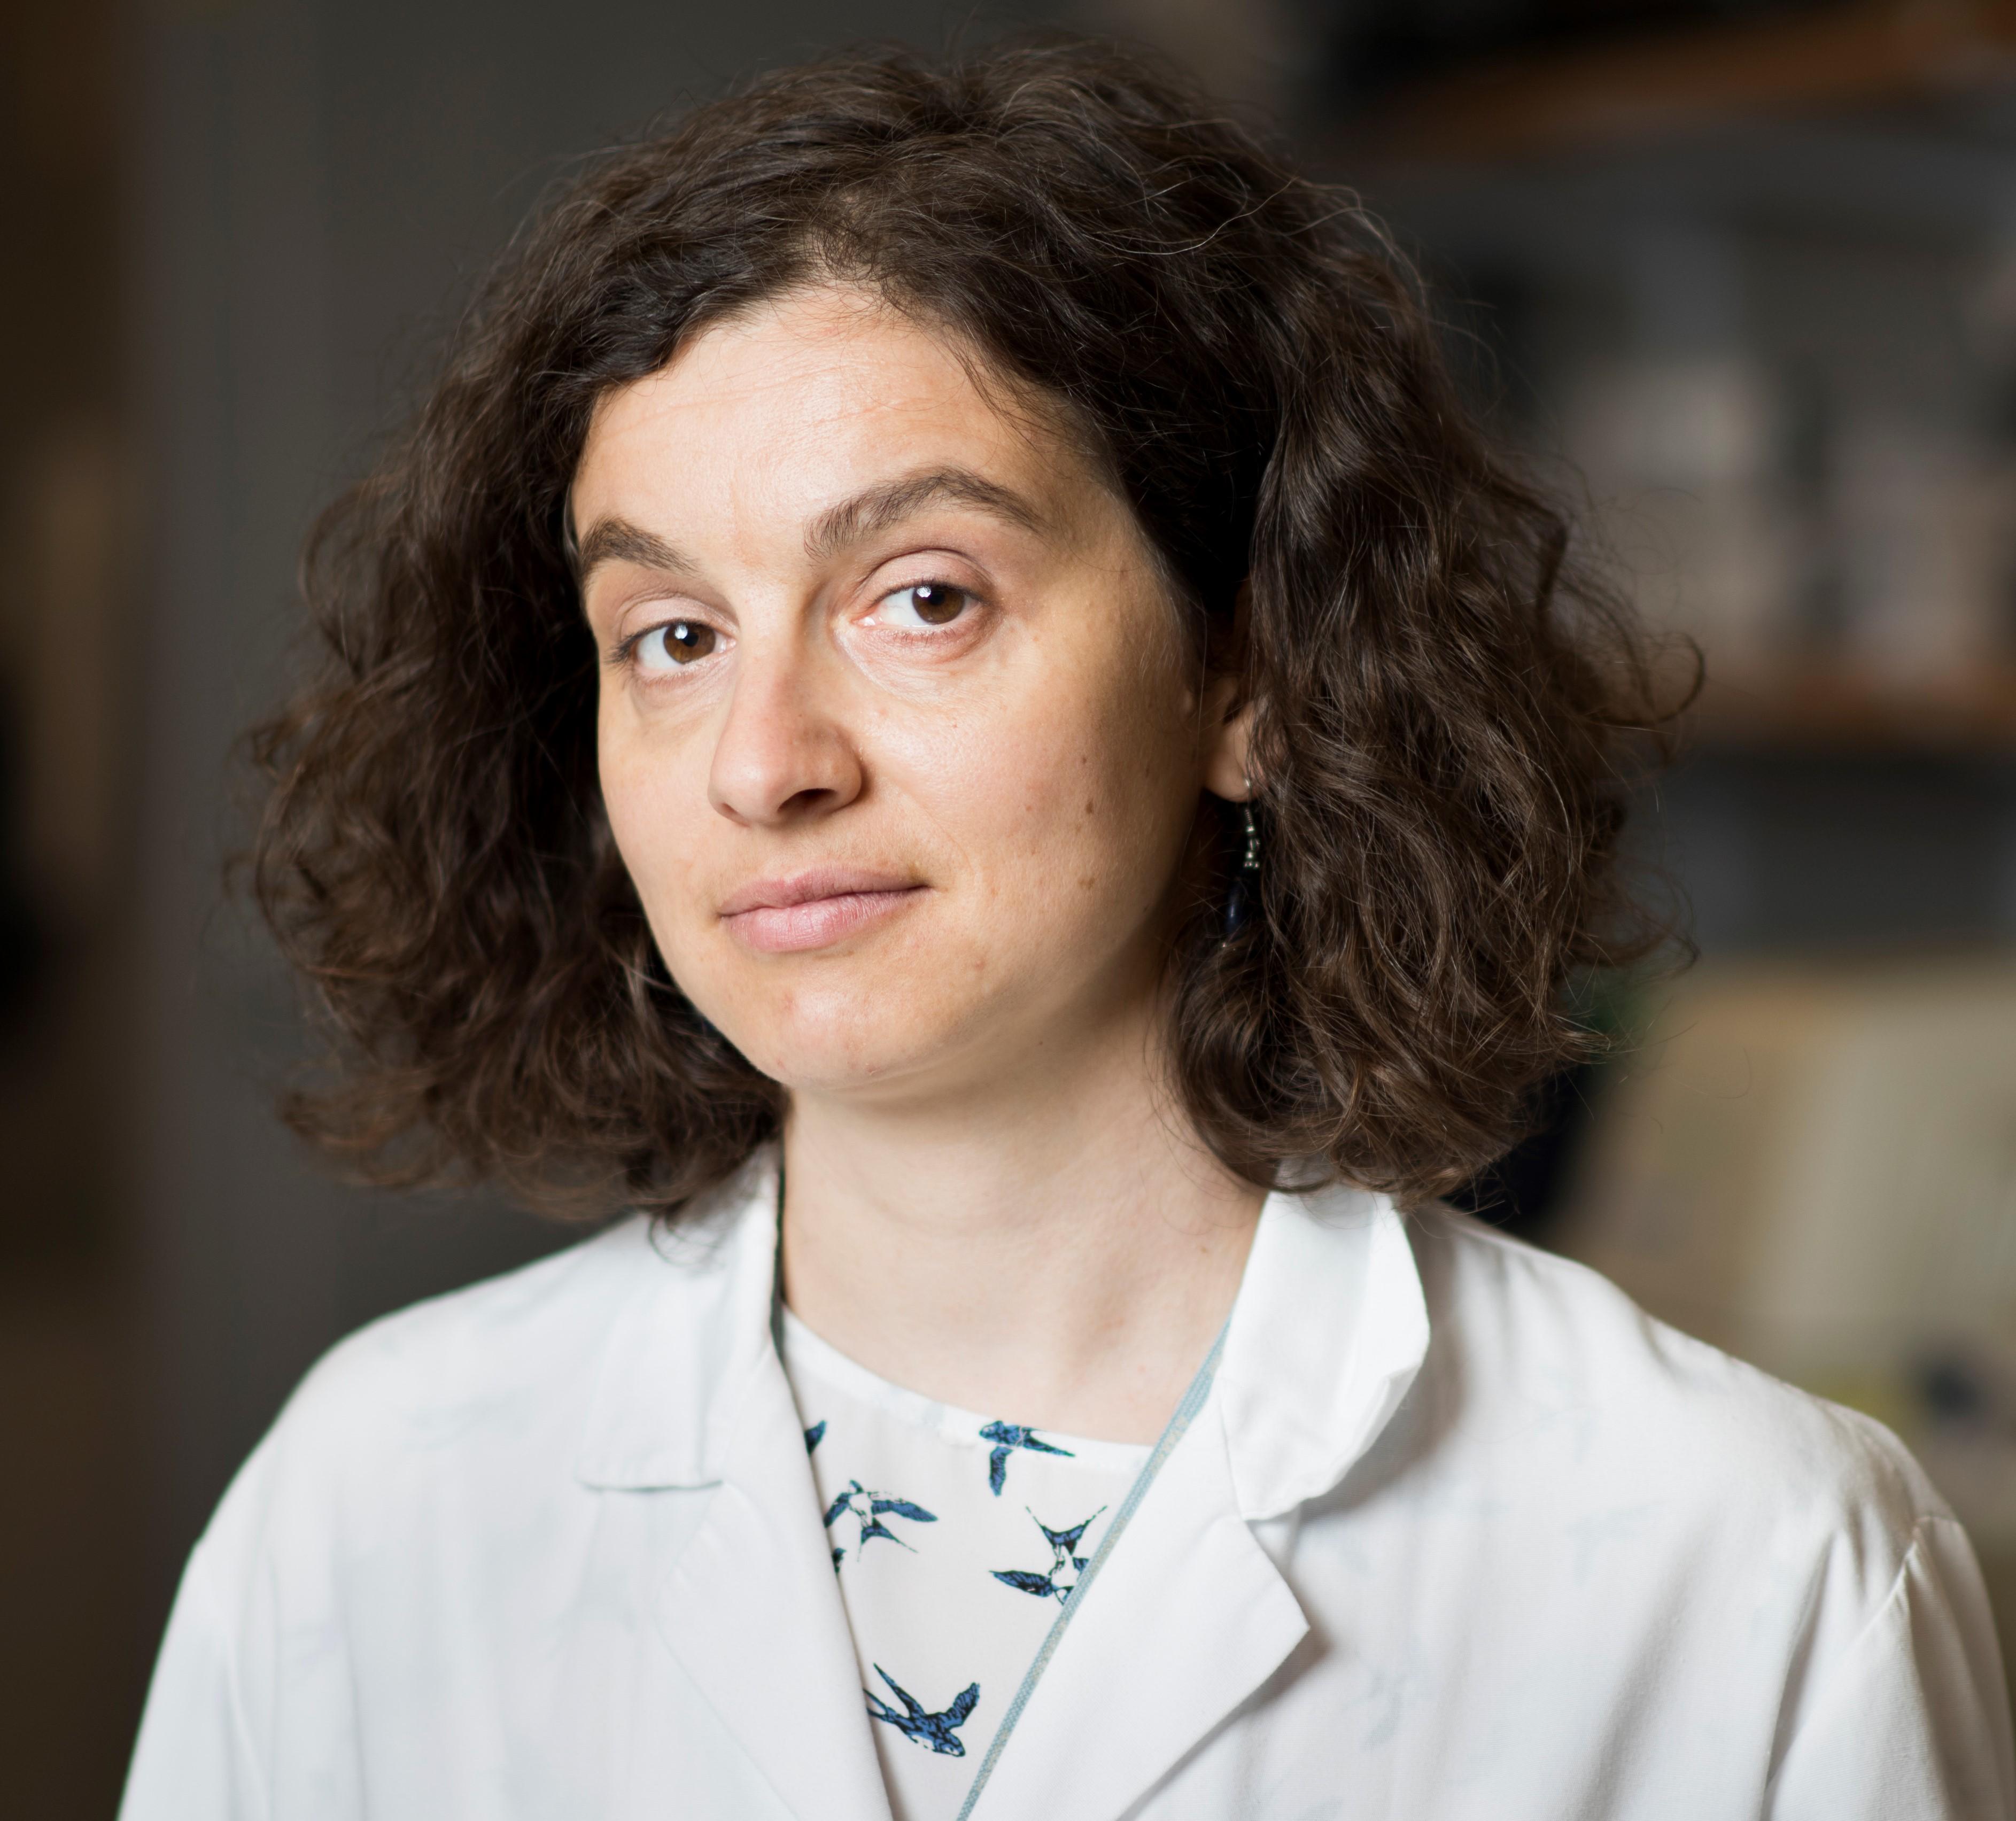 Marta Gaglia